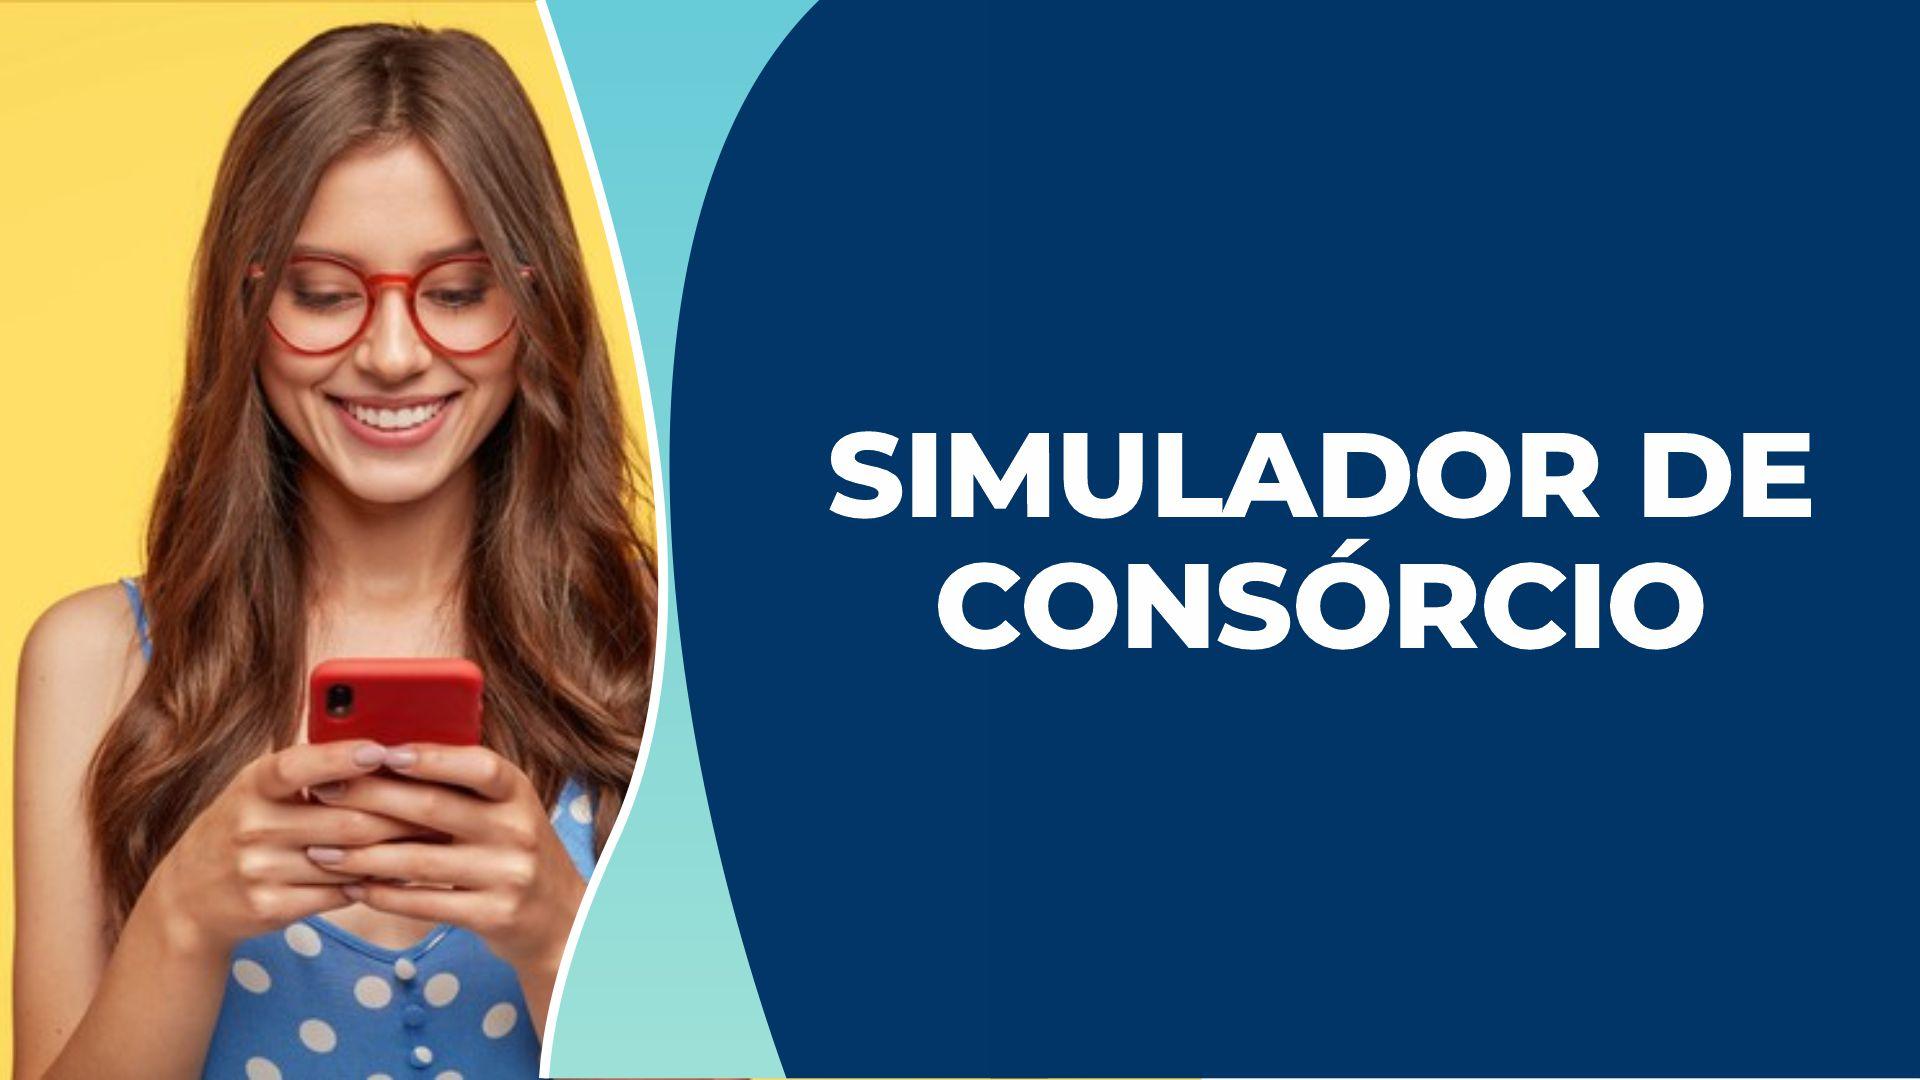 Simulador de consórcio: Saiba como fazer a cotação do produto!